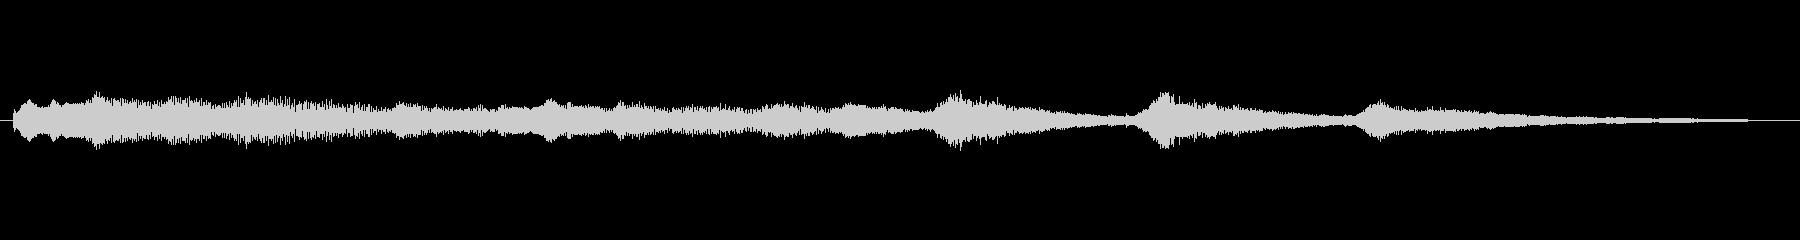 オープニングベル4の未再生の波形